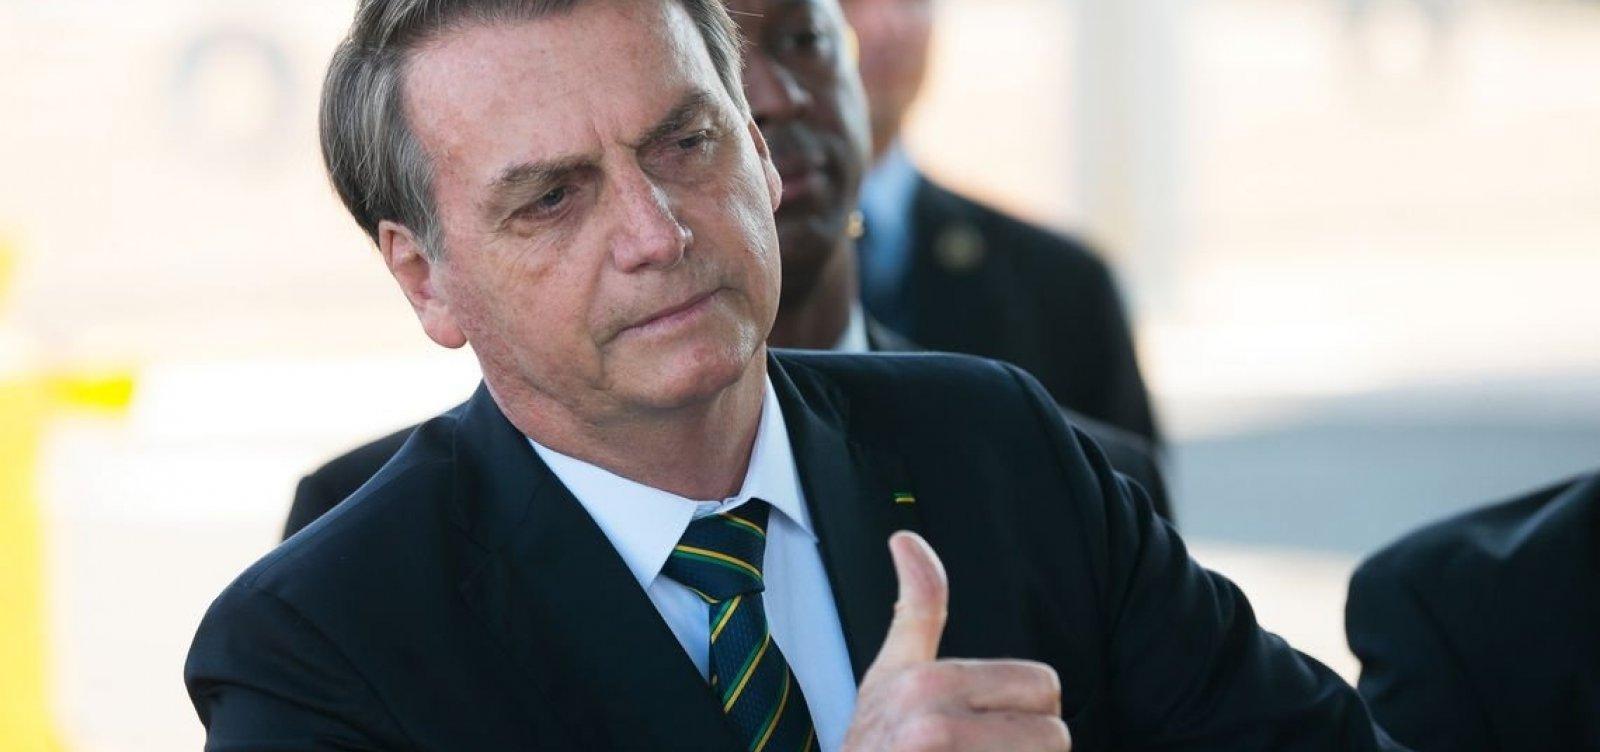 'Tenho dificuldades seríssimas em muitas áreas', admite Bolsonaro